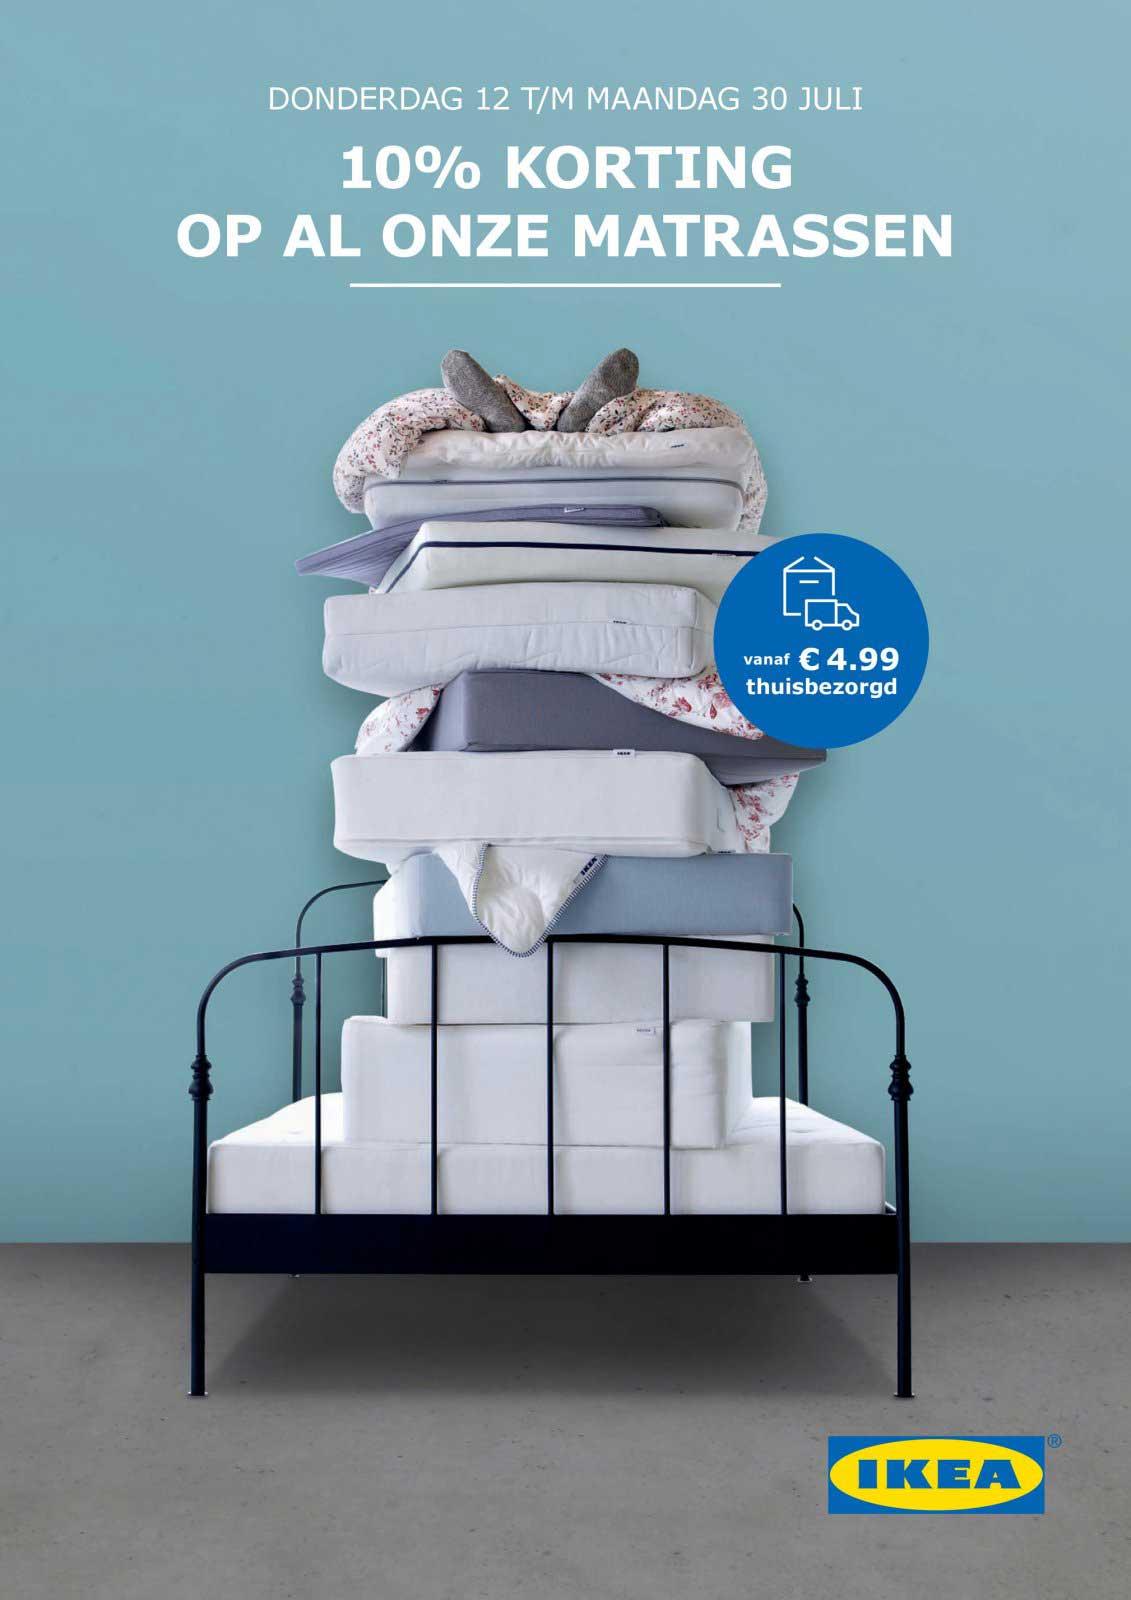 IKEA 10% Korting Op Al Onze Matrassen